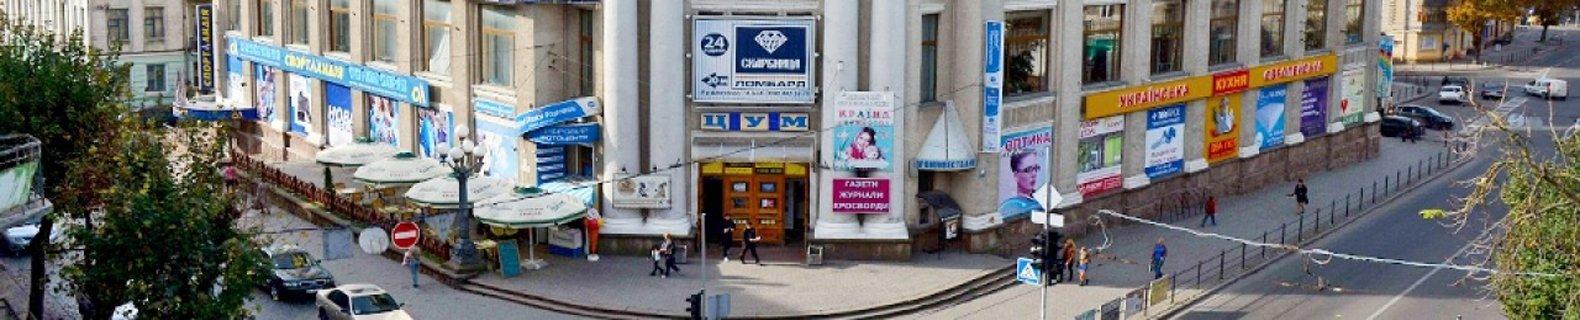 1fdfe2da9604fb Спортландія - ЦУМ Тернопіль на 0352.ua